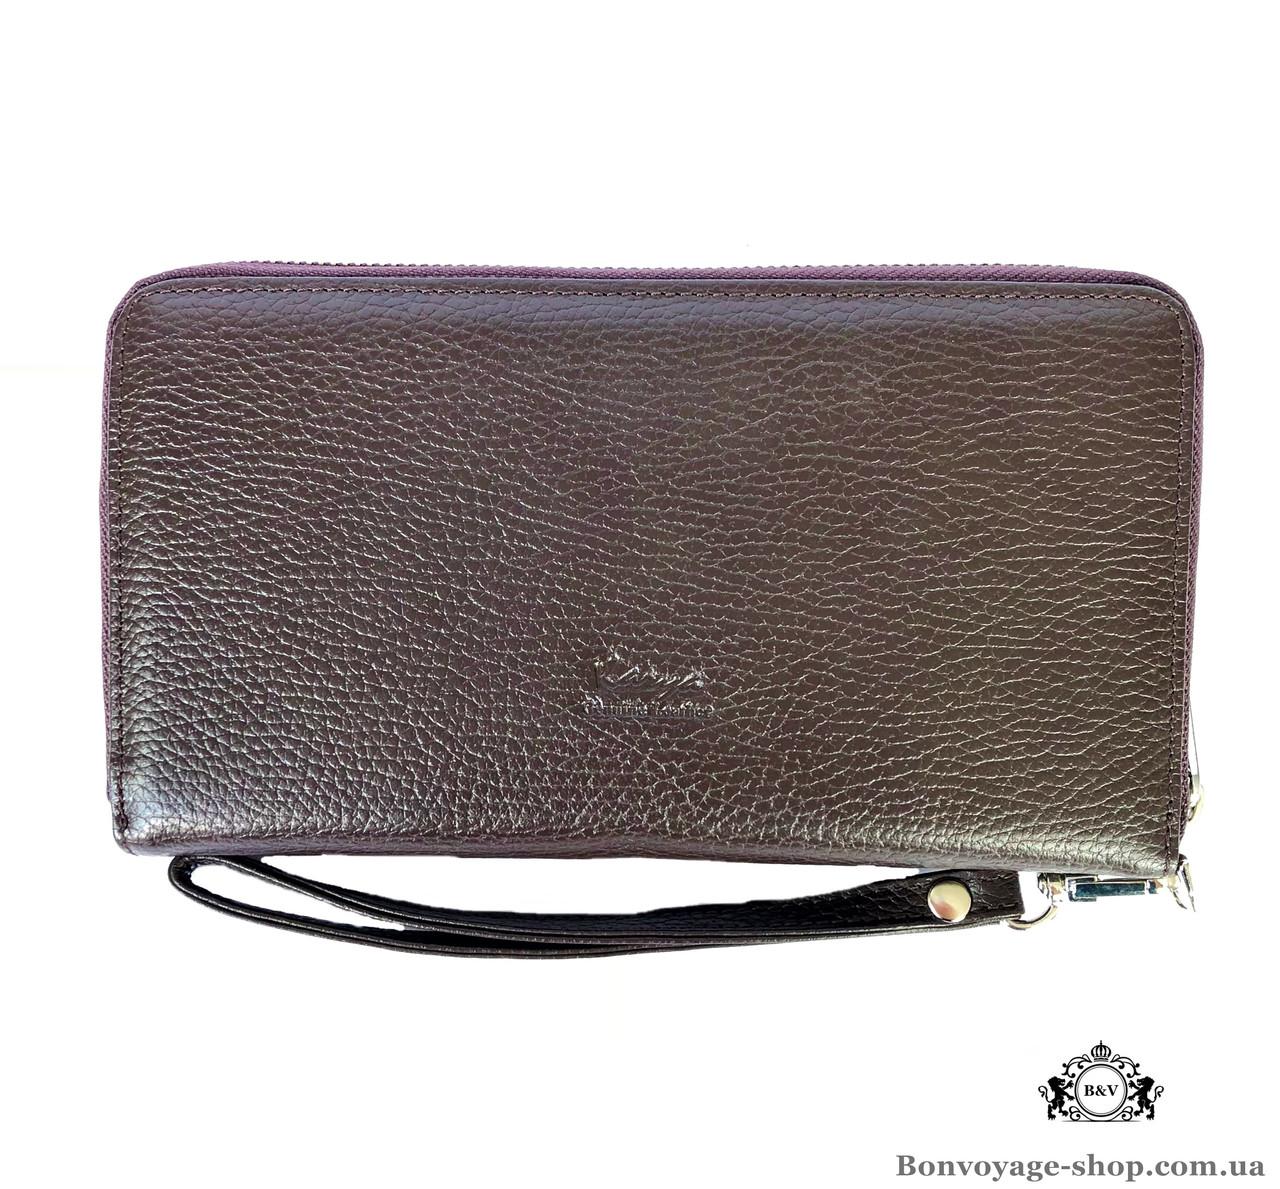 736eaeb9ac51 Мужской клатч кожаный Karya 0706-39 коричневый - купить по лучшей ...